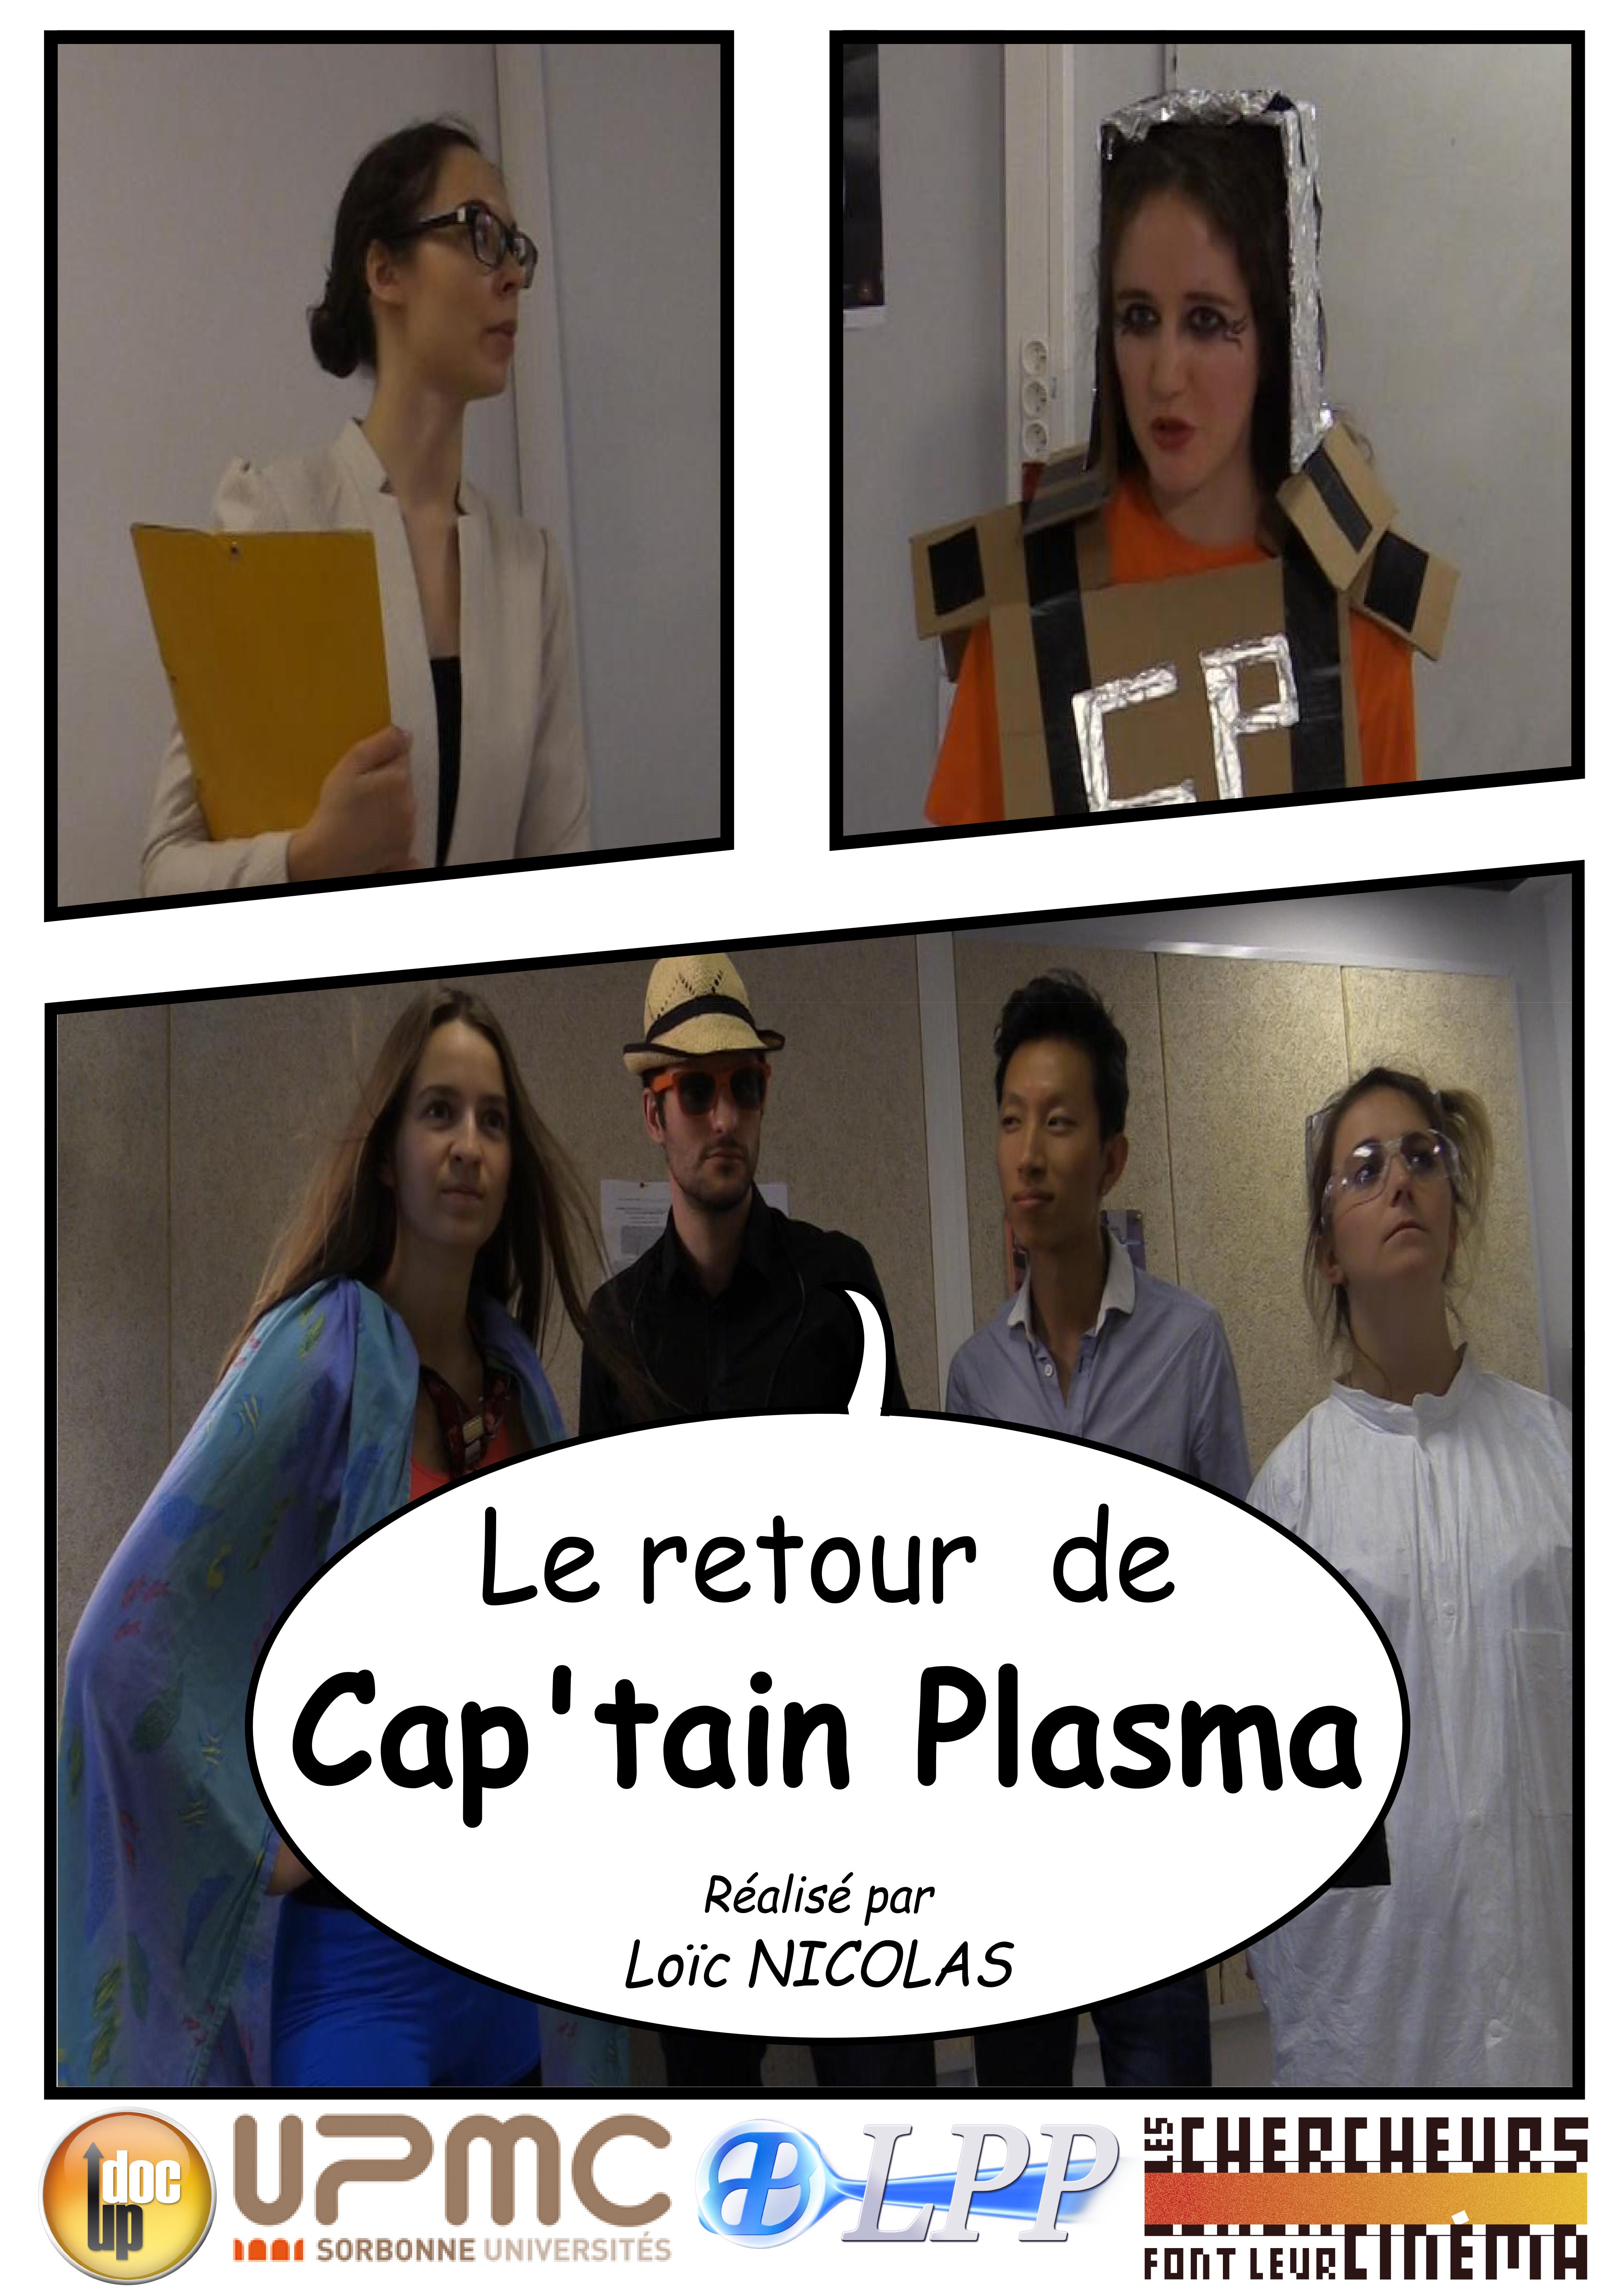 Le retour de Cap